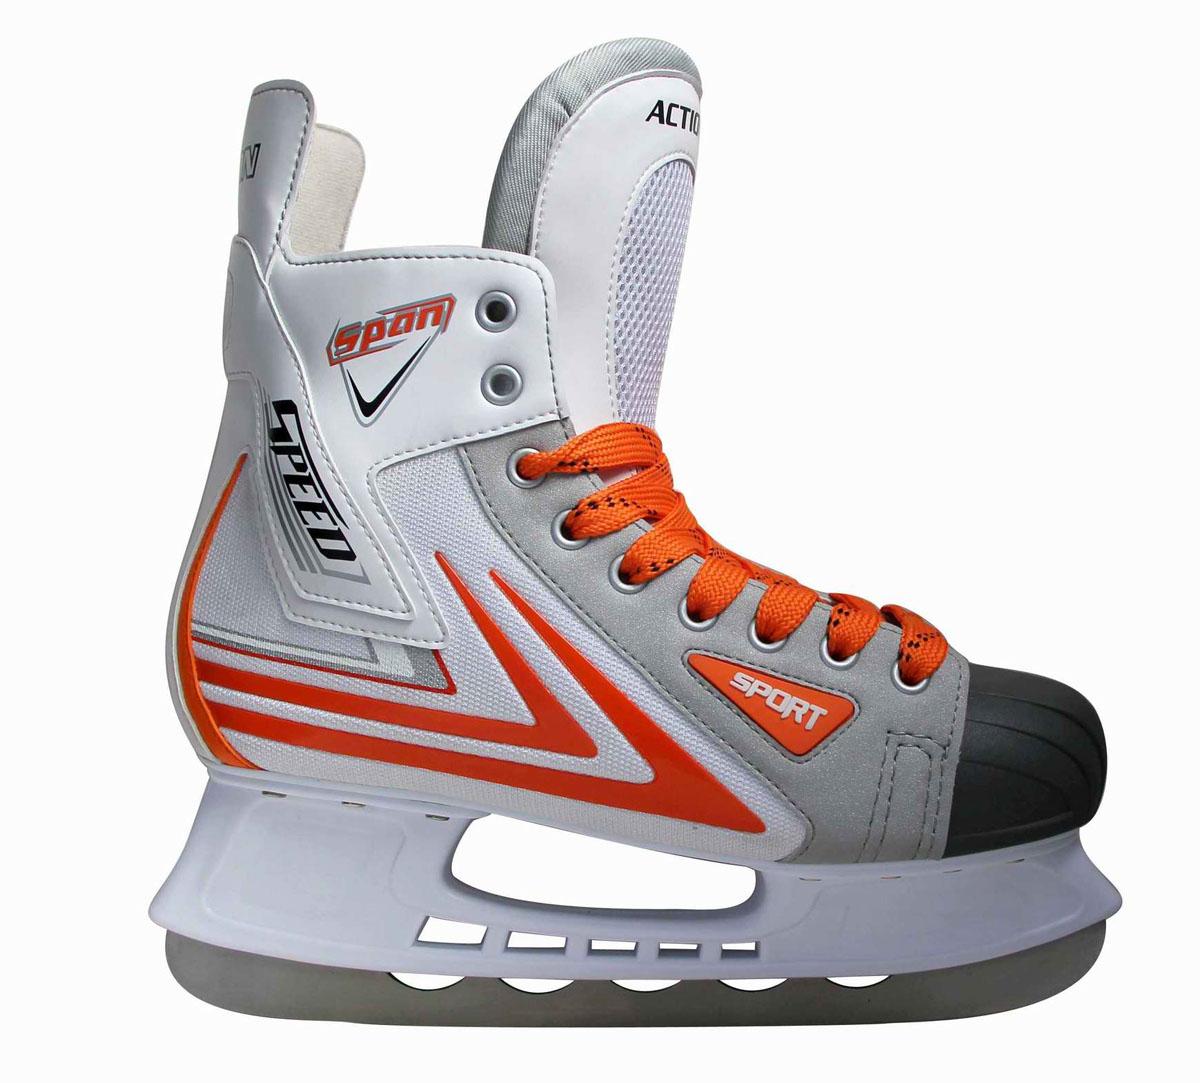 Коньки хоккейные Action, цвет: белый, красный. PW-217. Размер 41